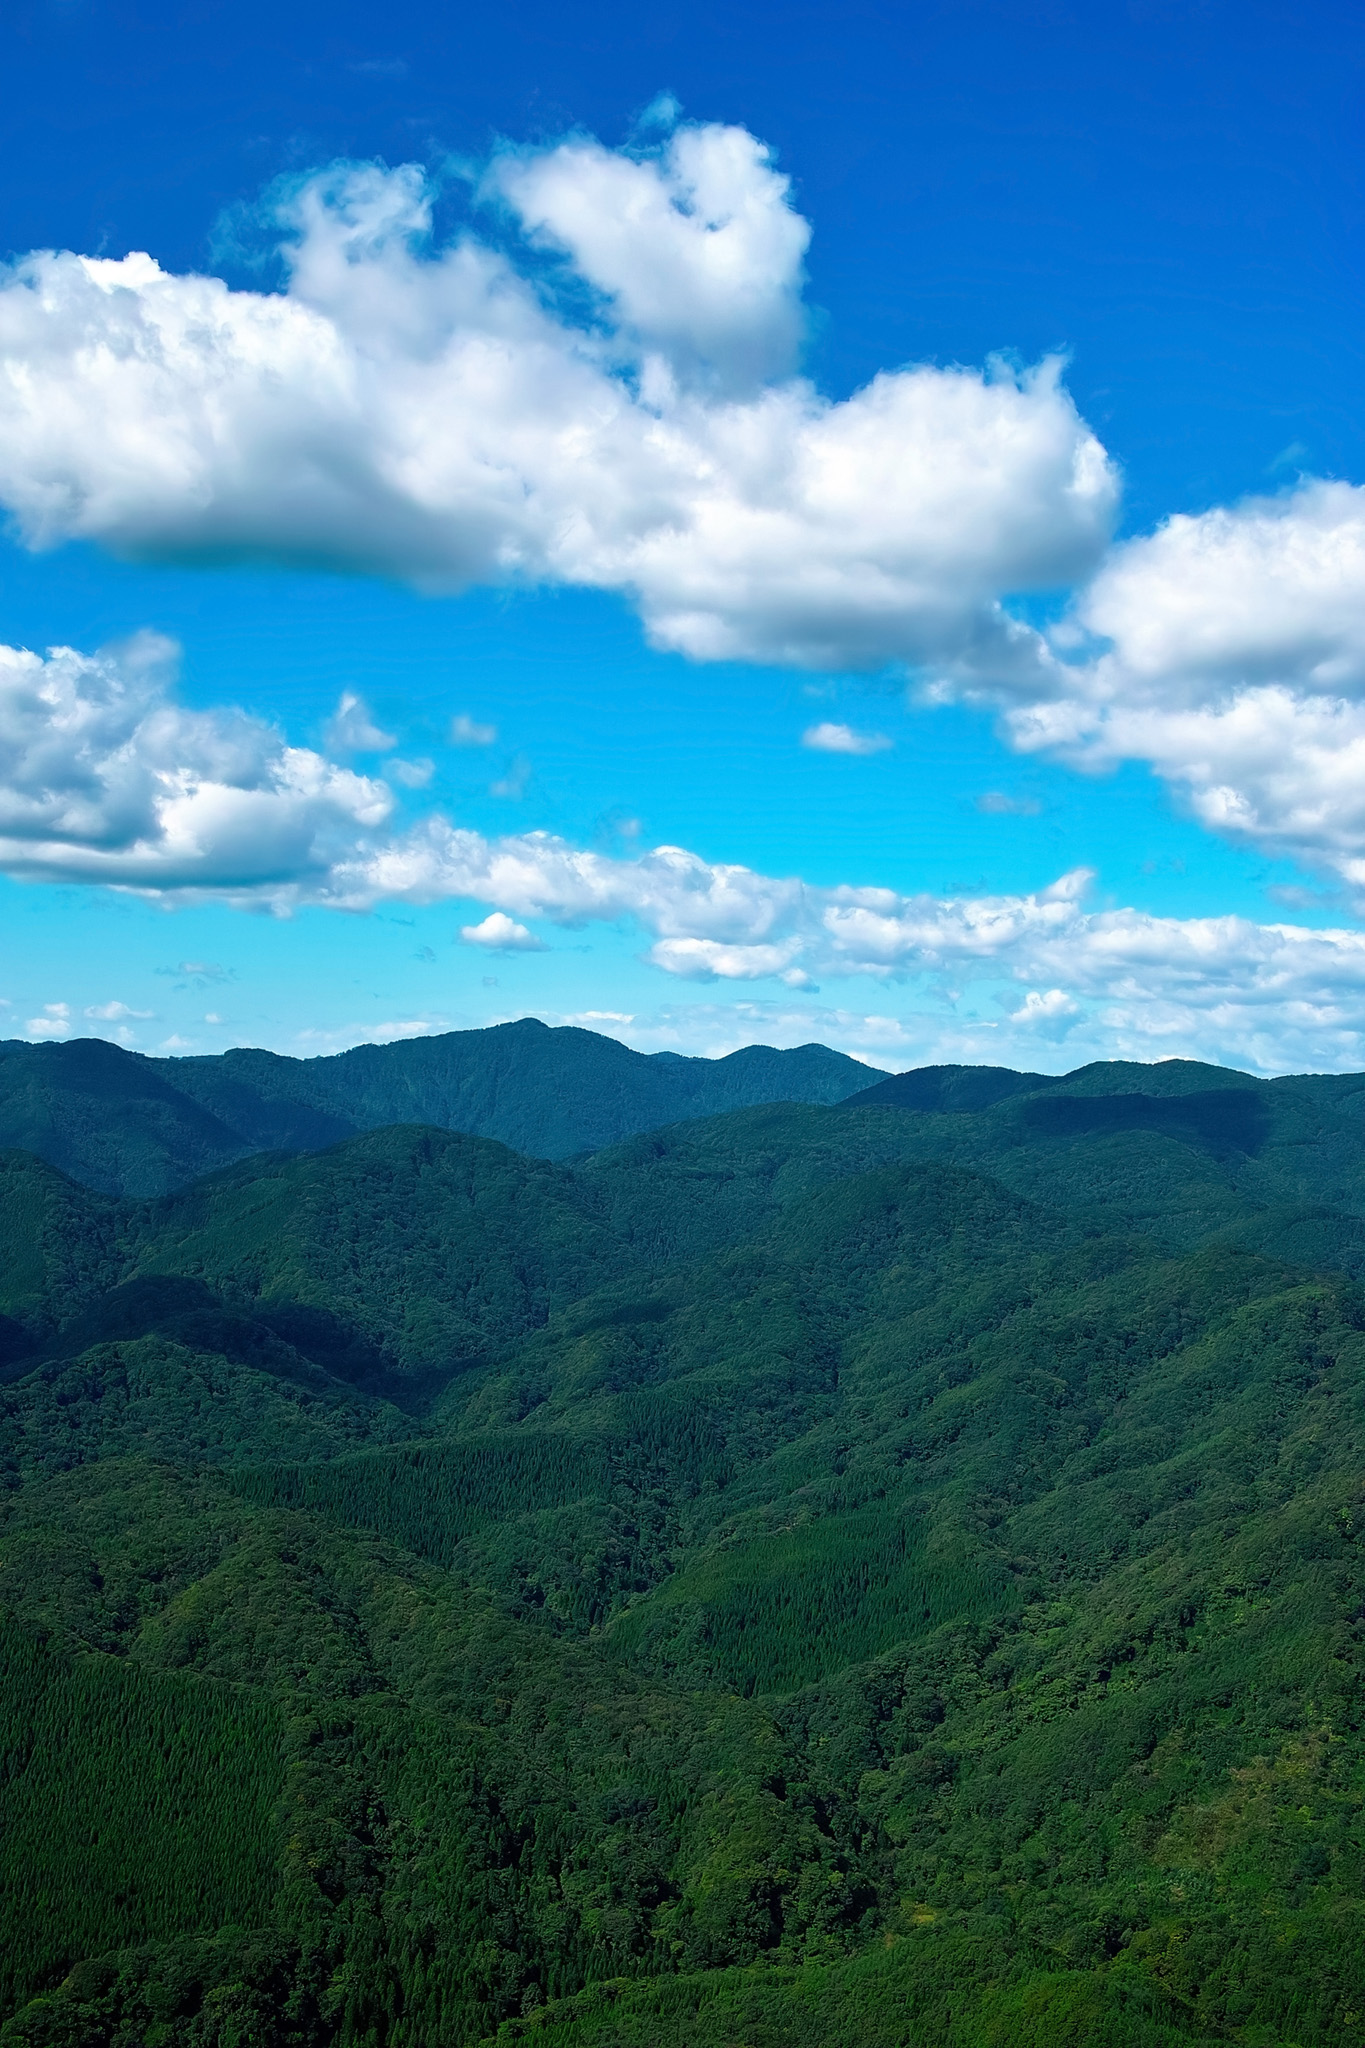 「四季の山」の画像を無料ダウンロード